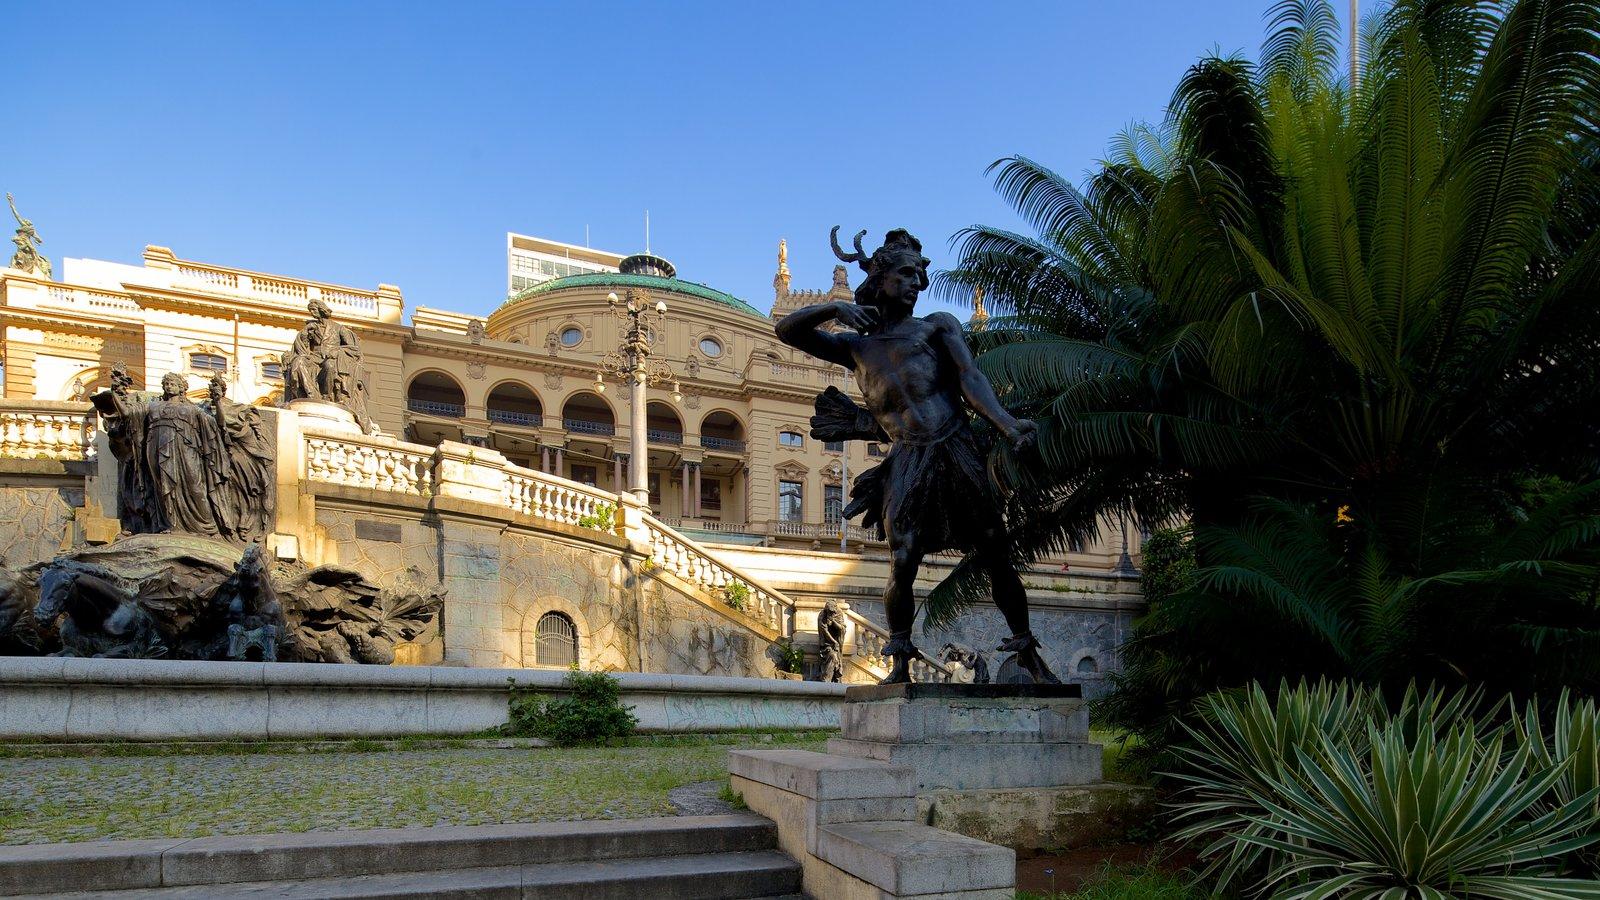 Teatro Municipal caracterizando arquitetura de patrimônio, uma estátua ou escultura e cenas de teatro